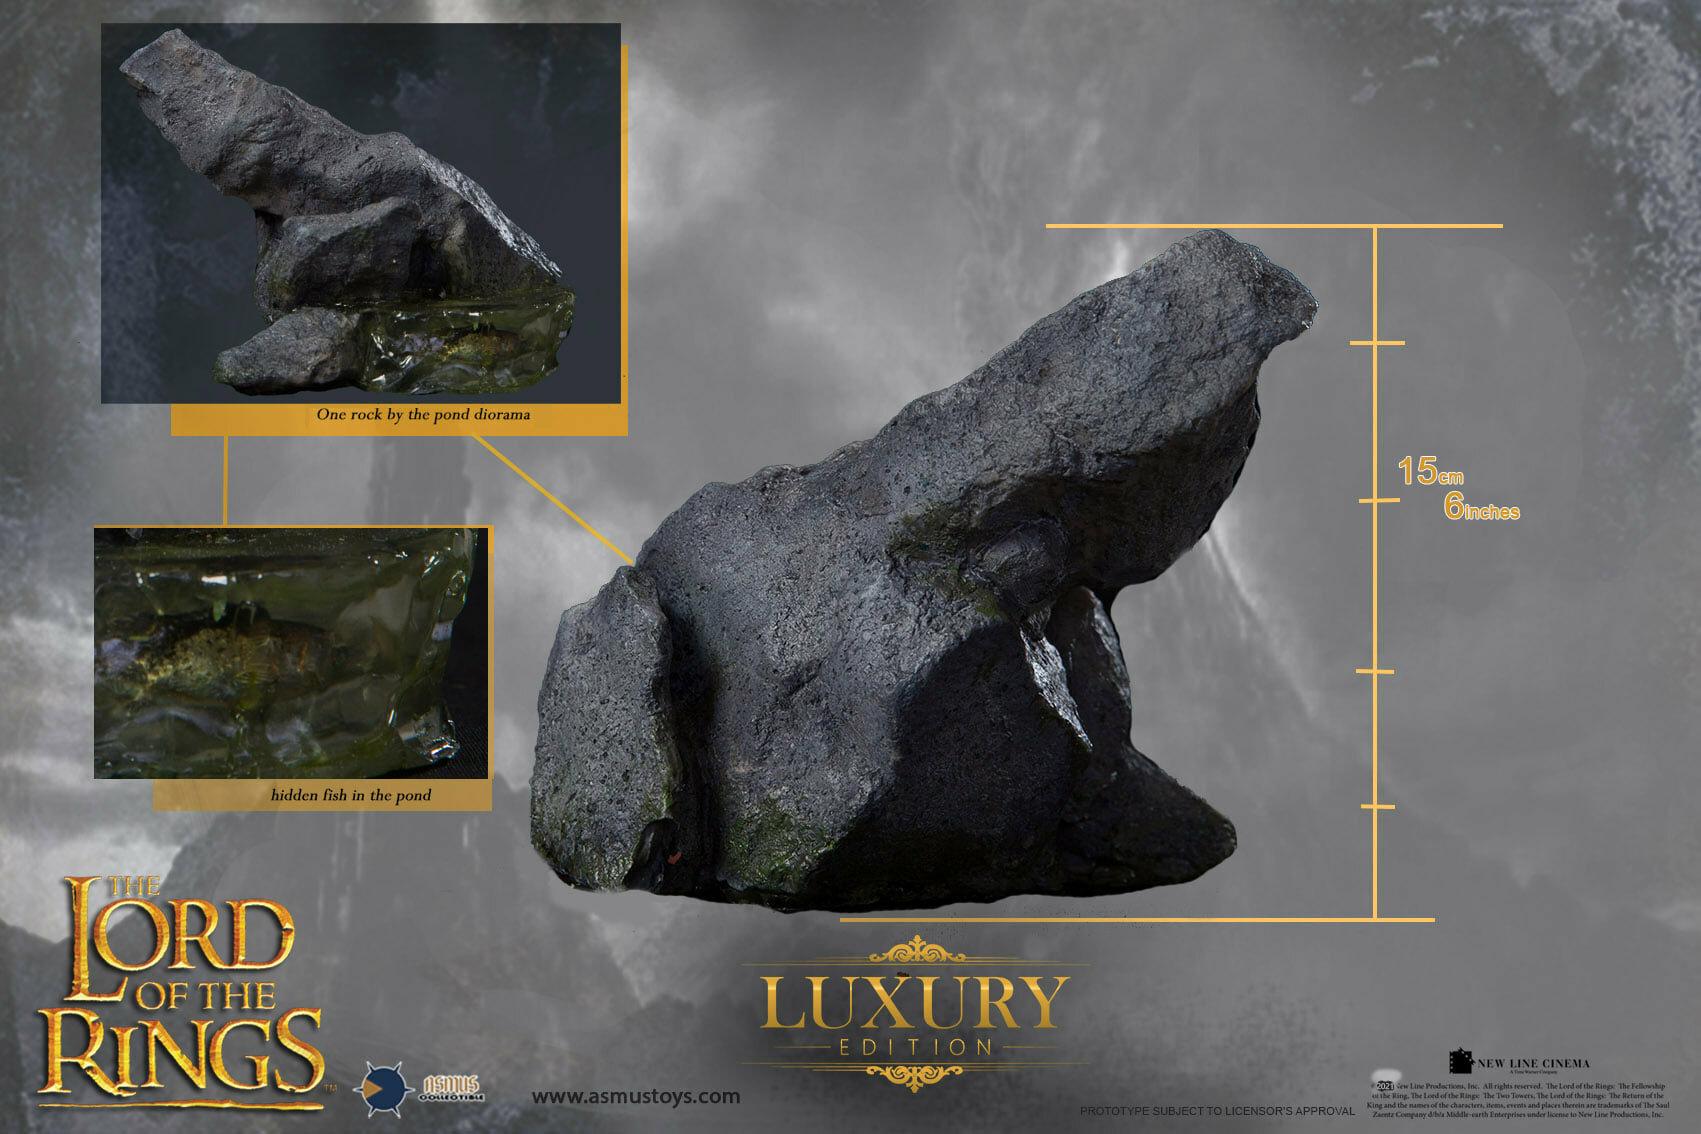 Asmus-LOTR-Smeagol-Gollum-Luxury-003.jpg